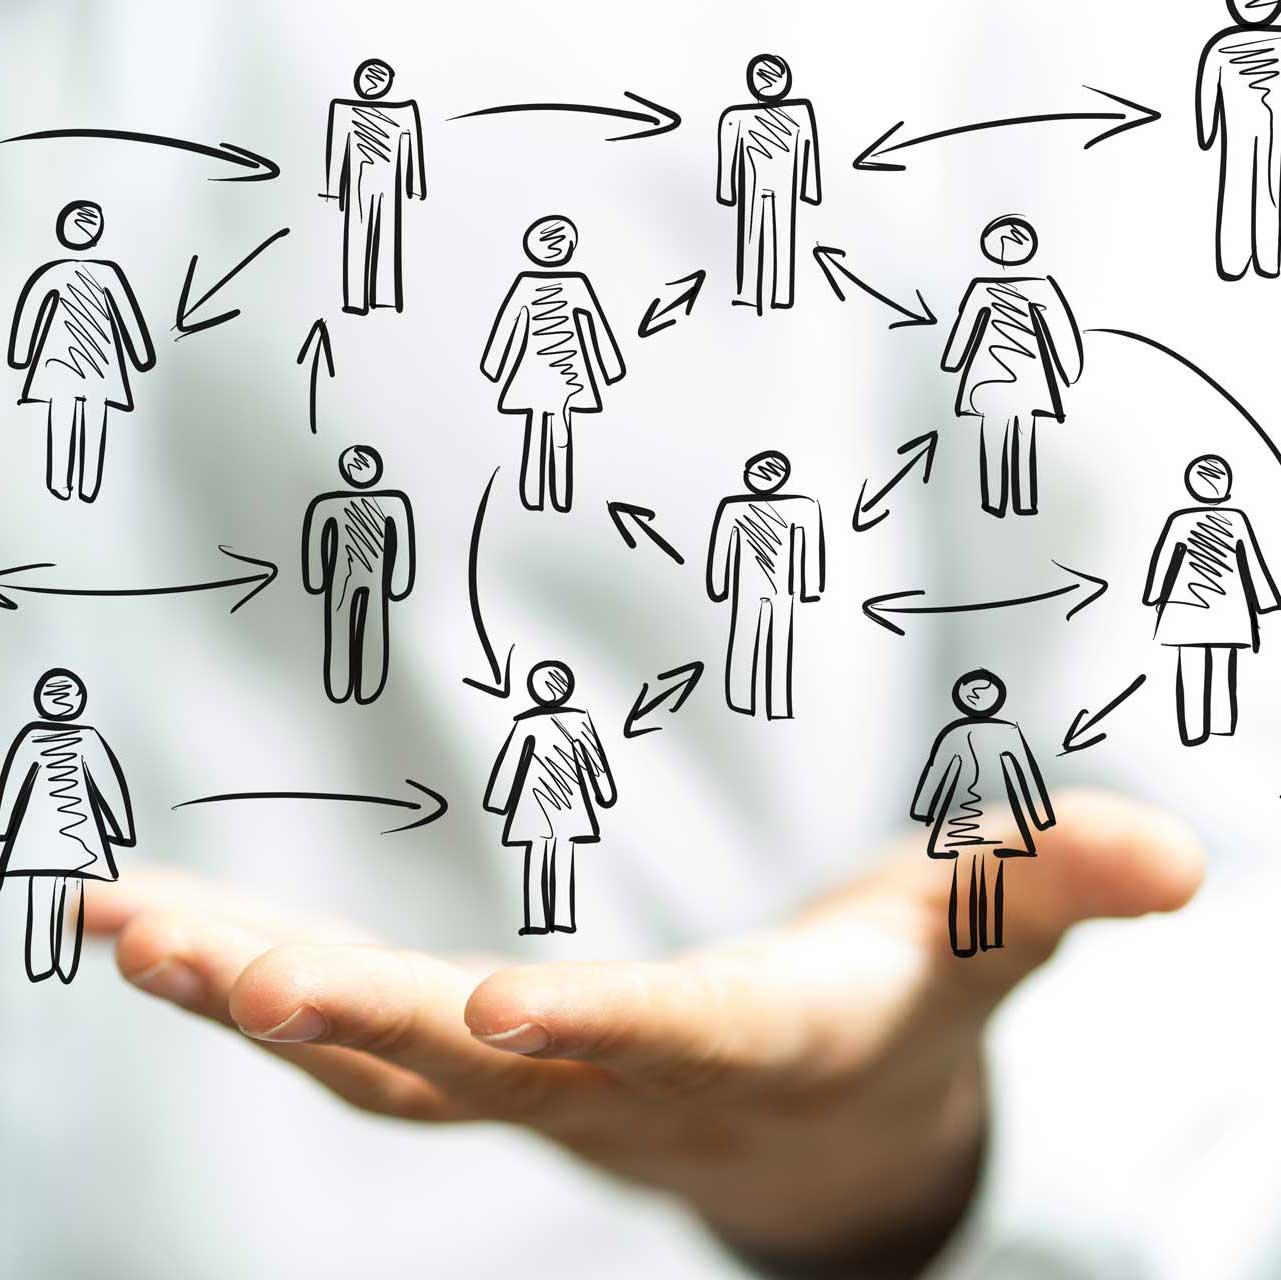 Wie organisiere ich mein Unternehmen in der Zukunft 2